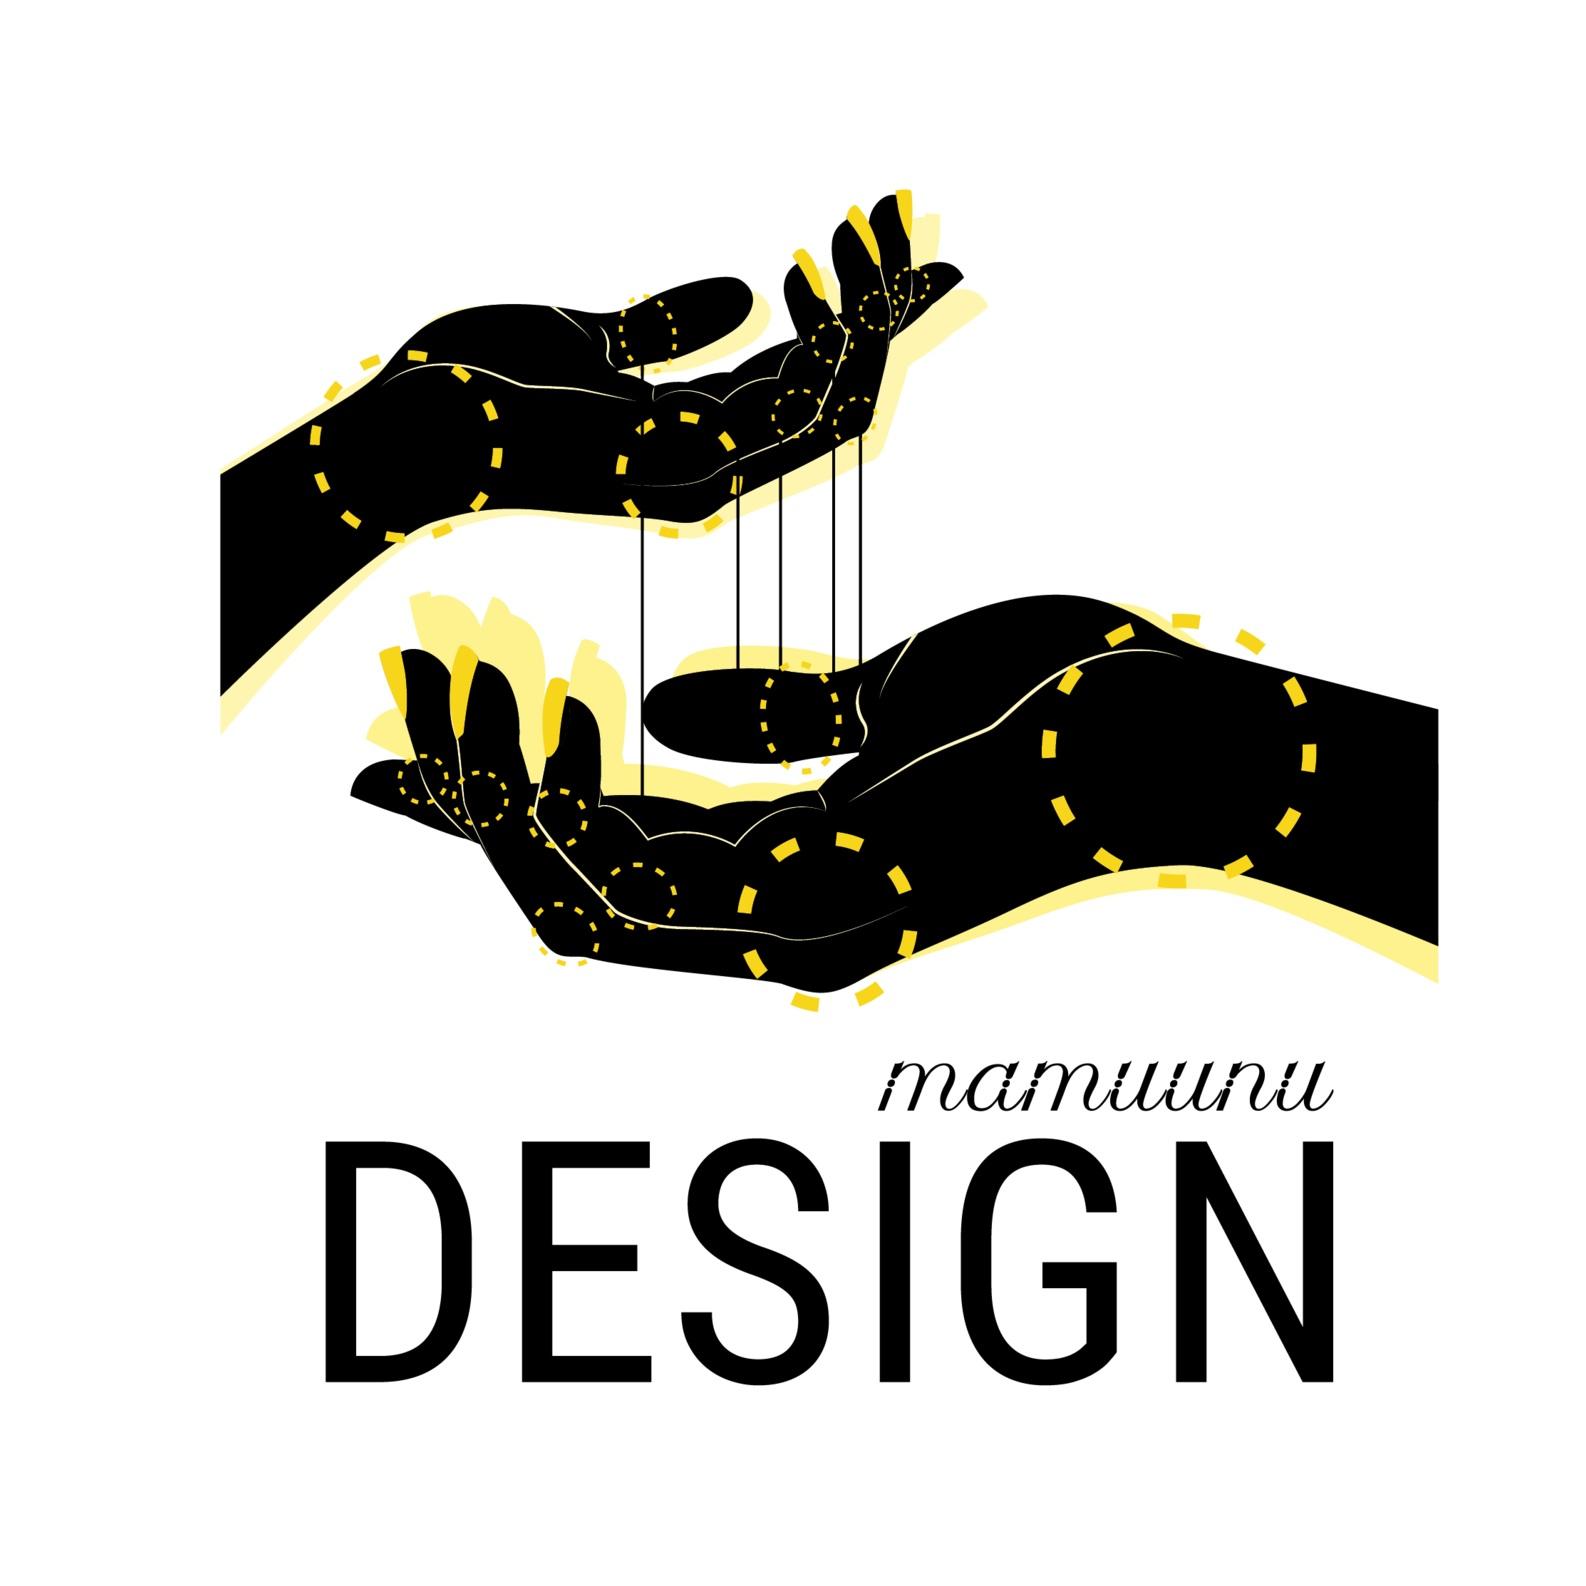 Mamuunu Design - Mamuunu Design on graafista suunnittelua ja kuvituksia suurella sydämellä, käsiltä käsille. Nuoruuden innolla, neuvokkuudella sekä taidolla toteutuvat niin logot, käyntikortit, flyerit, mainokset kuin julisteetkin aina painovalmiiksi asti.Meiltä saat myös upeat, omaperäiset kuvitukset kodin somisteeksi tai vaikka lahjaksi, myös tilaustyönä!Löydät meidät Instagramista @mamuunudesign ja Facebookista alla olevasta linkistä